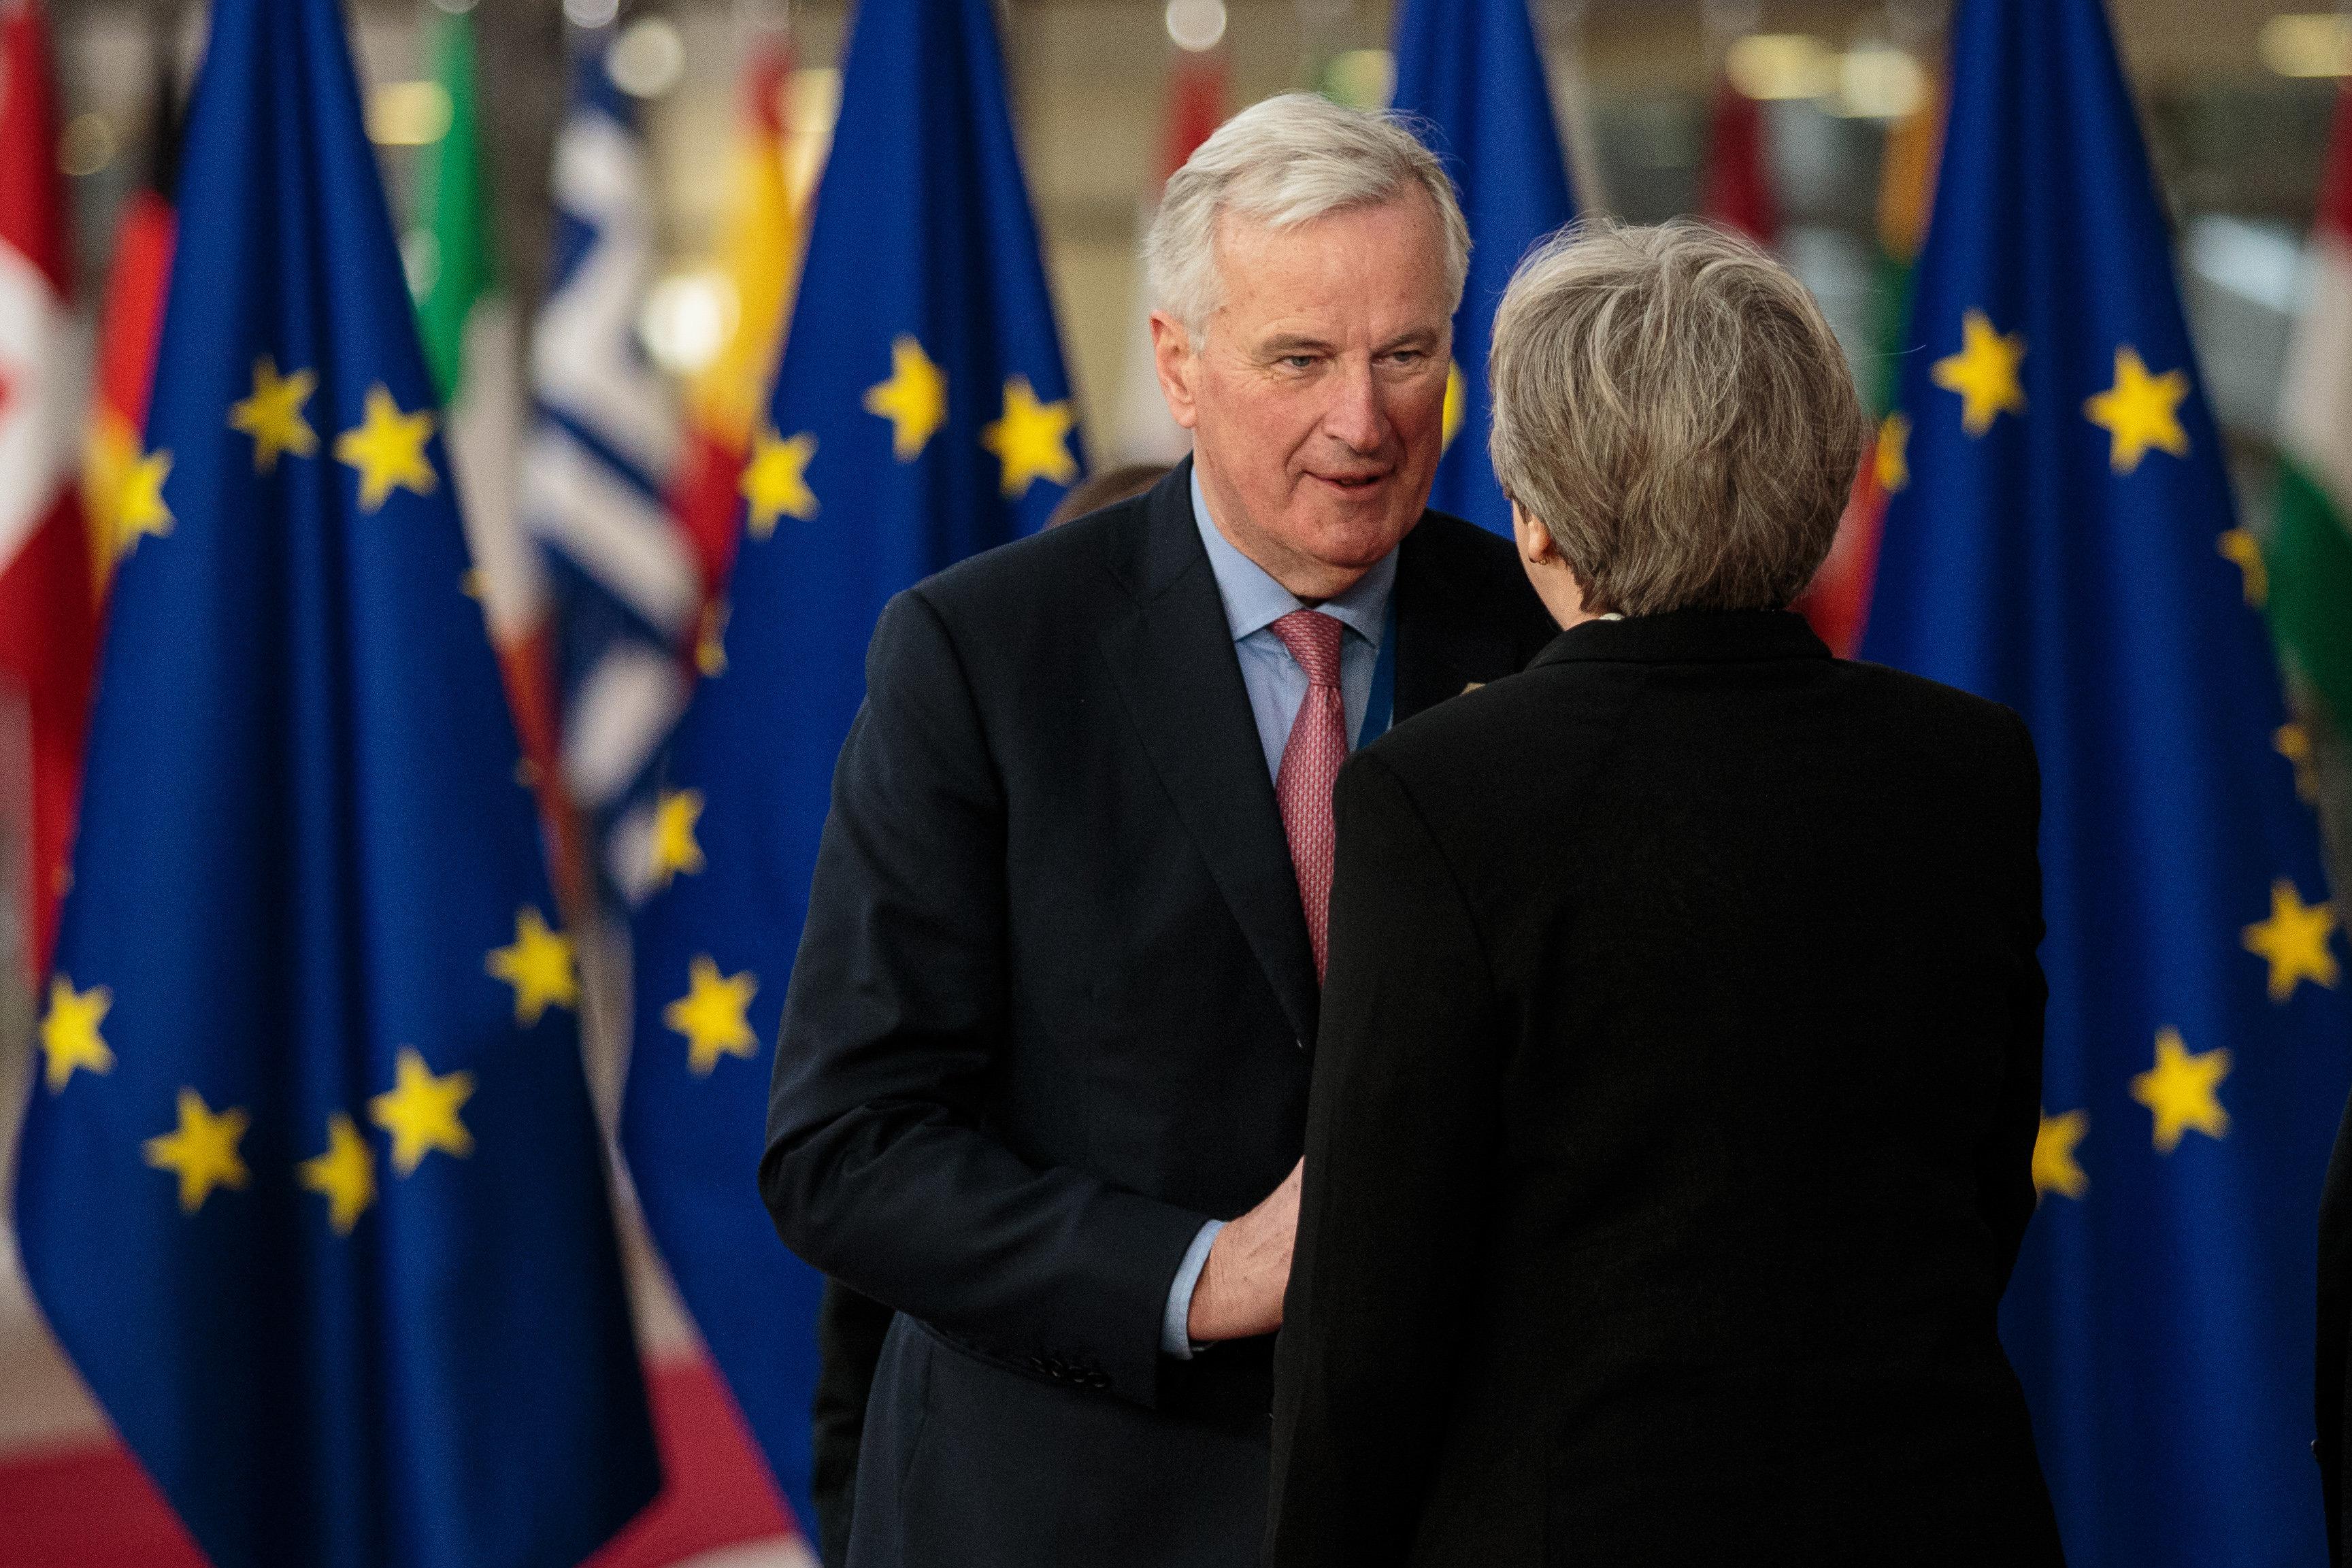 Brexit: Οι Βρυξέλλες προτείνουν παράταση της μεταβατικής περιόδου για την Μεγάλη Βρετανία